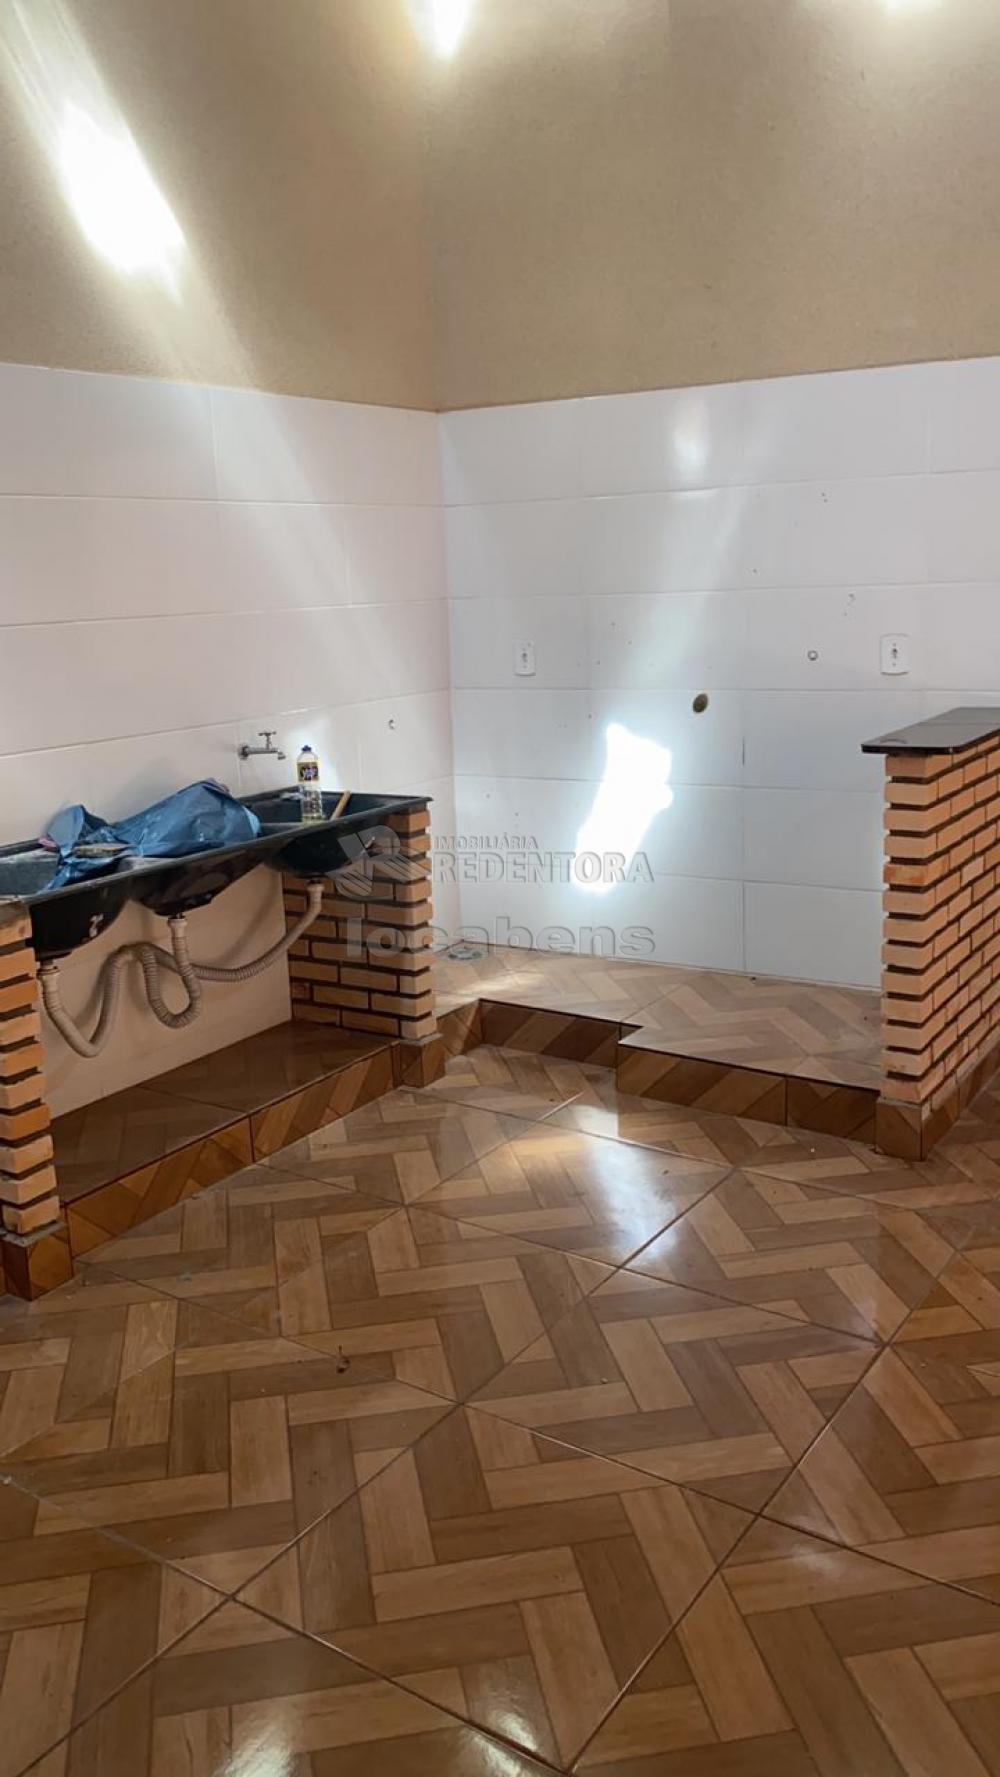 Comprar Casa / Padrão em São José do Rio Preto apenas R$ 225.000,00 - Foto 11